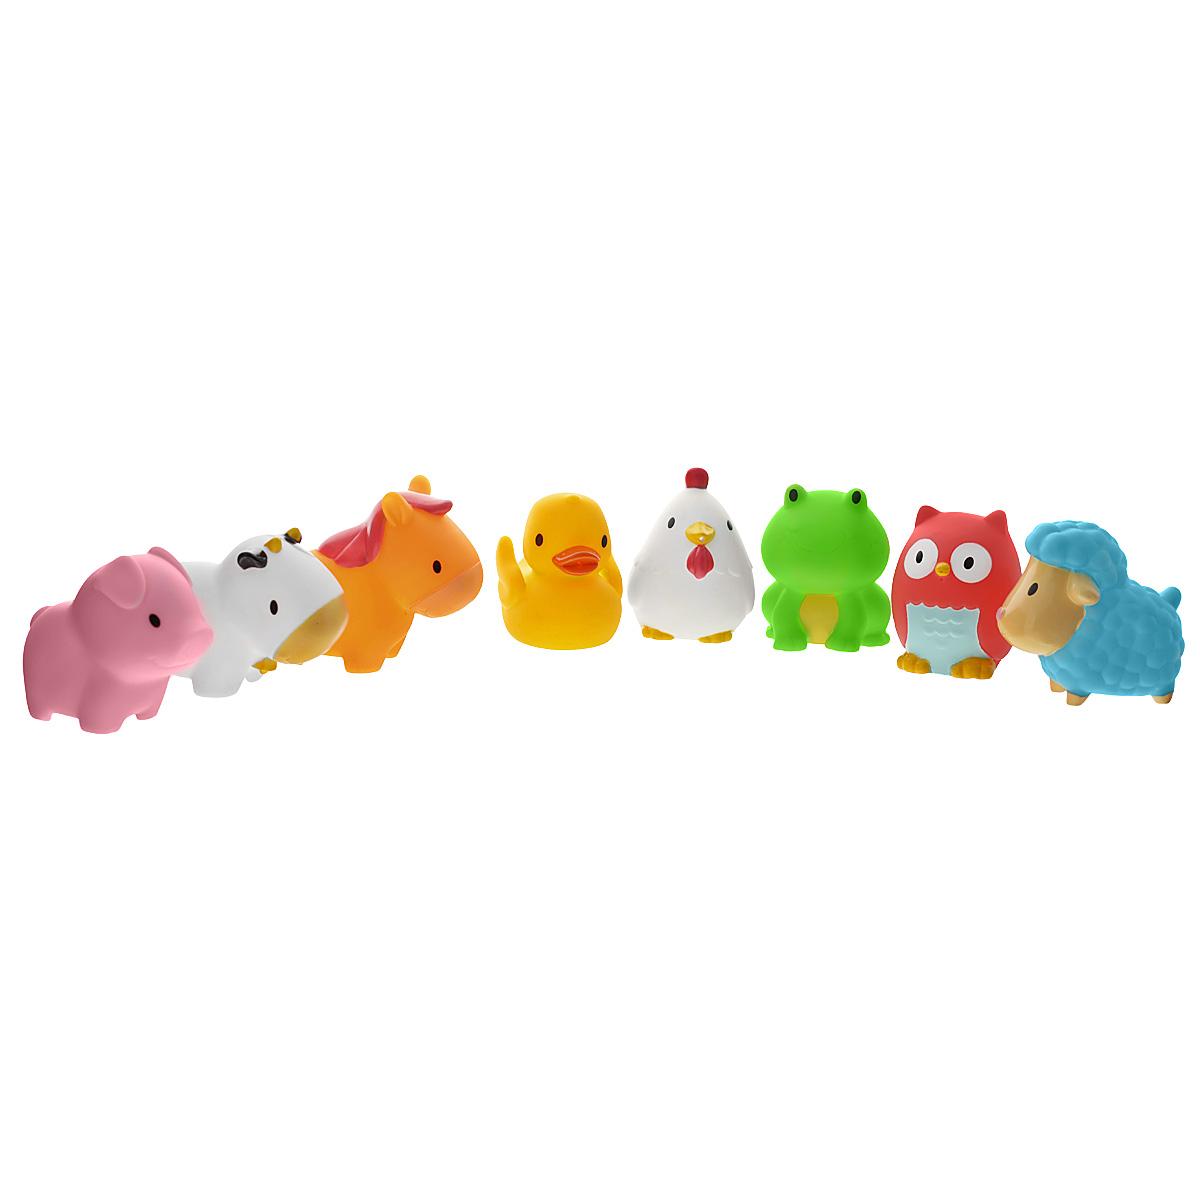 Набор игрушек для ванны Munchkin Squirtin Farmyard Friends, 8 шт11966Набор игрушек для ванны Munchkin Squirtin Farmyard Friends непременно понравится вашему ребенку и превратит купание в веселую игру! Набор включает в себя десять игрушек-брызгалок в виде очаровательных животных, живущих на ферме. Яркие игрушки выполнены из мягкого безопасного материала и приятны на ощупь. Если сначала набрать воду в игрушки, а потом нажать на них, то изо рта брызнет тонкая струя воды, что, несомненно, развеселит вашего малыша. Набор игрушек Squirtin Farmyard Friends способствует развитию воображения, цветового восприятия, тактильных ощущений и мелкой моторики рук, а также поможет выучить названия животных. Кредо Munchkin, американской компании с 20-летней историей: избавить мир от надоевших и прозаических товаров, искать умные инновационные решения, которые превращает обыденные задачи в опыт, приносящий удовольствие. Понимая, что наибольшее значение в быту имеют именно мелочи, компания создает уникальные товары, которые помогают поддерживать...